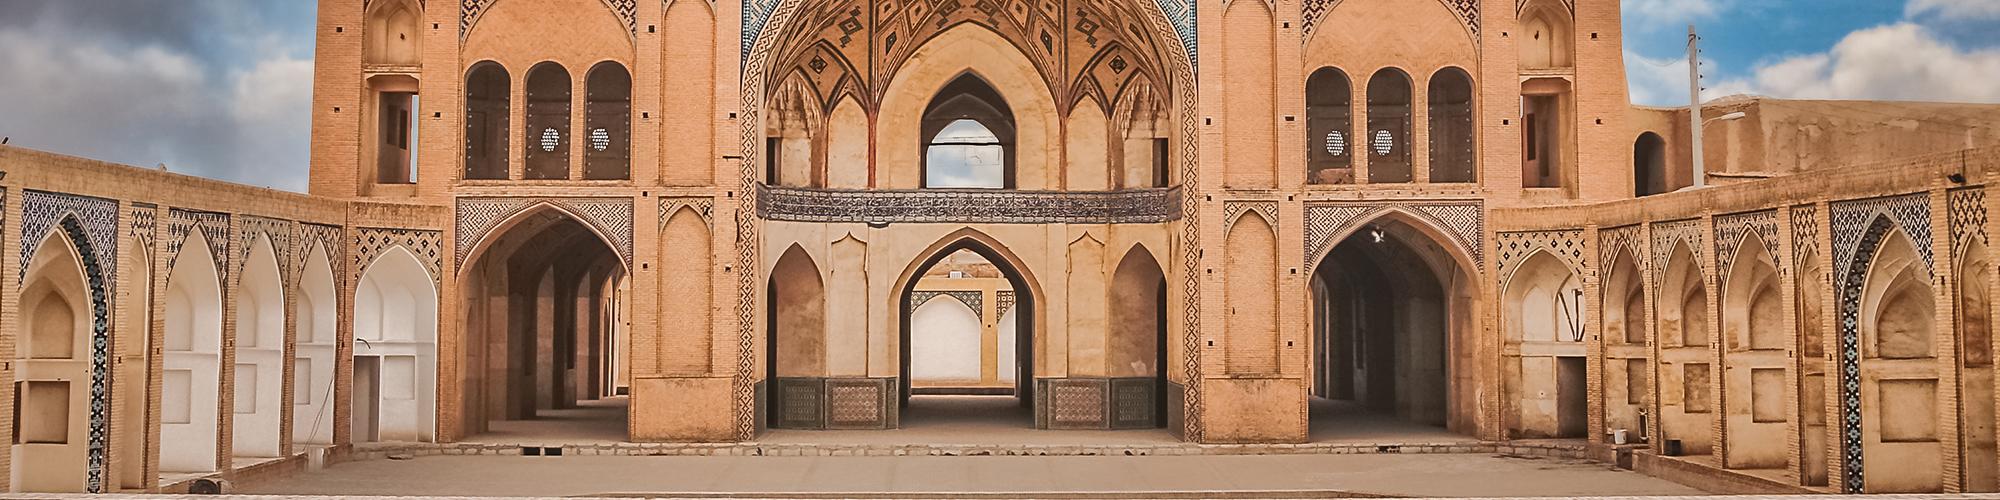 Desde Zaragoza a Persia, el sueño de Sherezade - El País Viajes